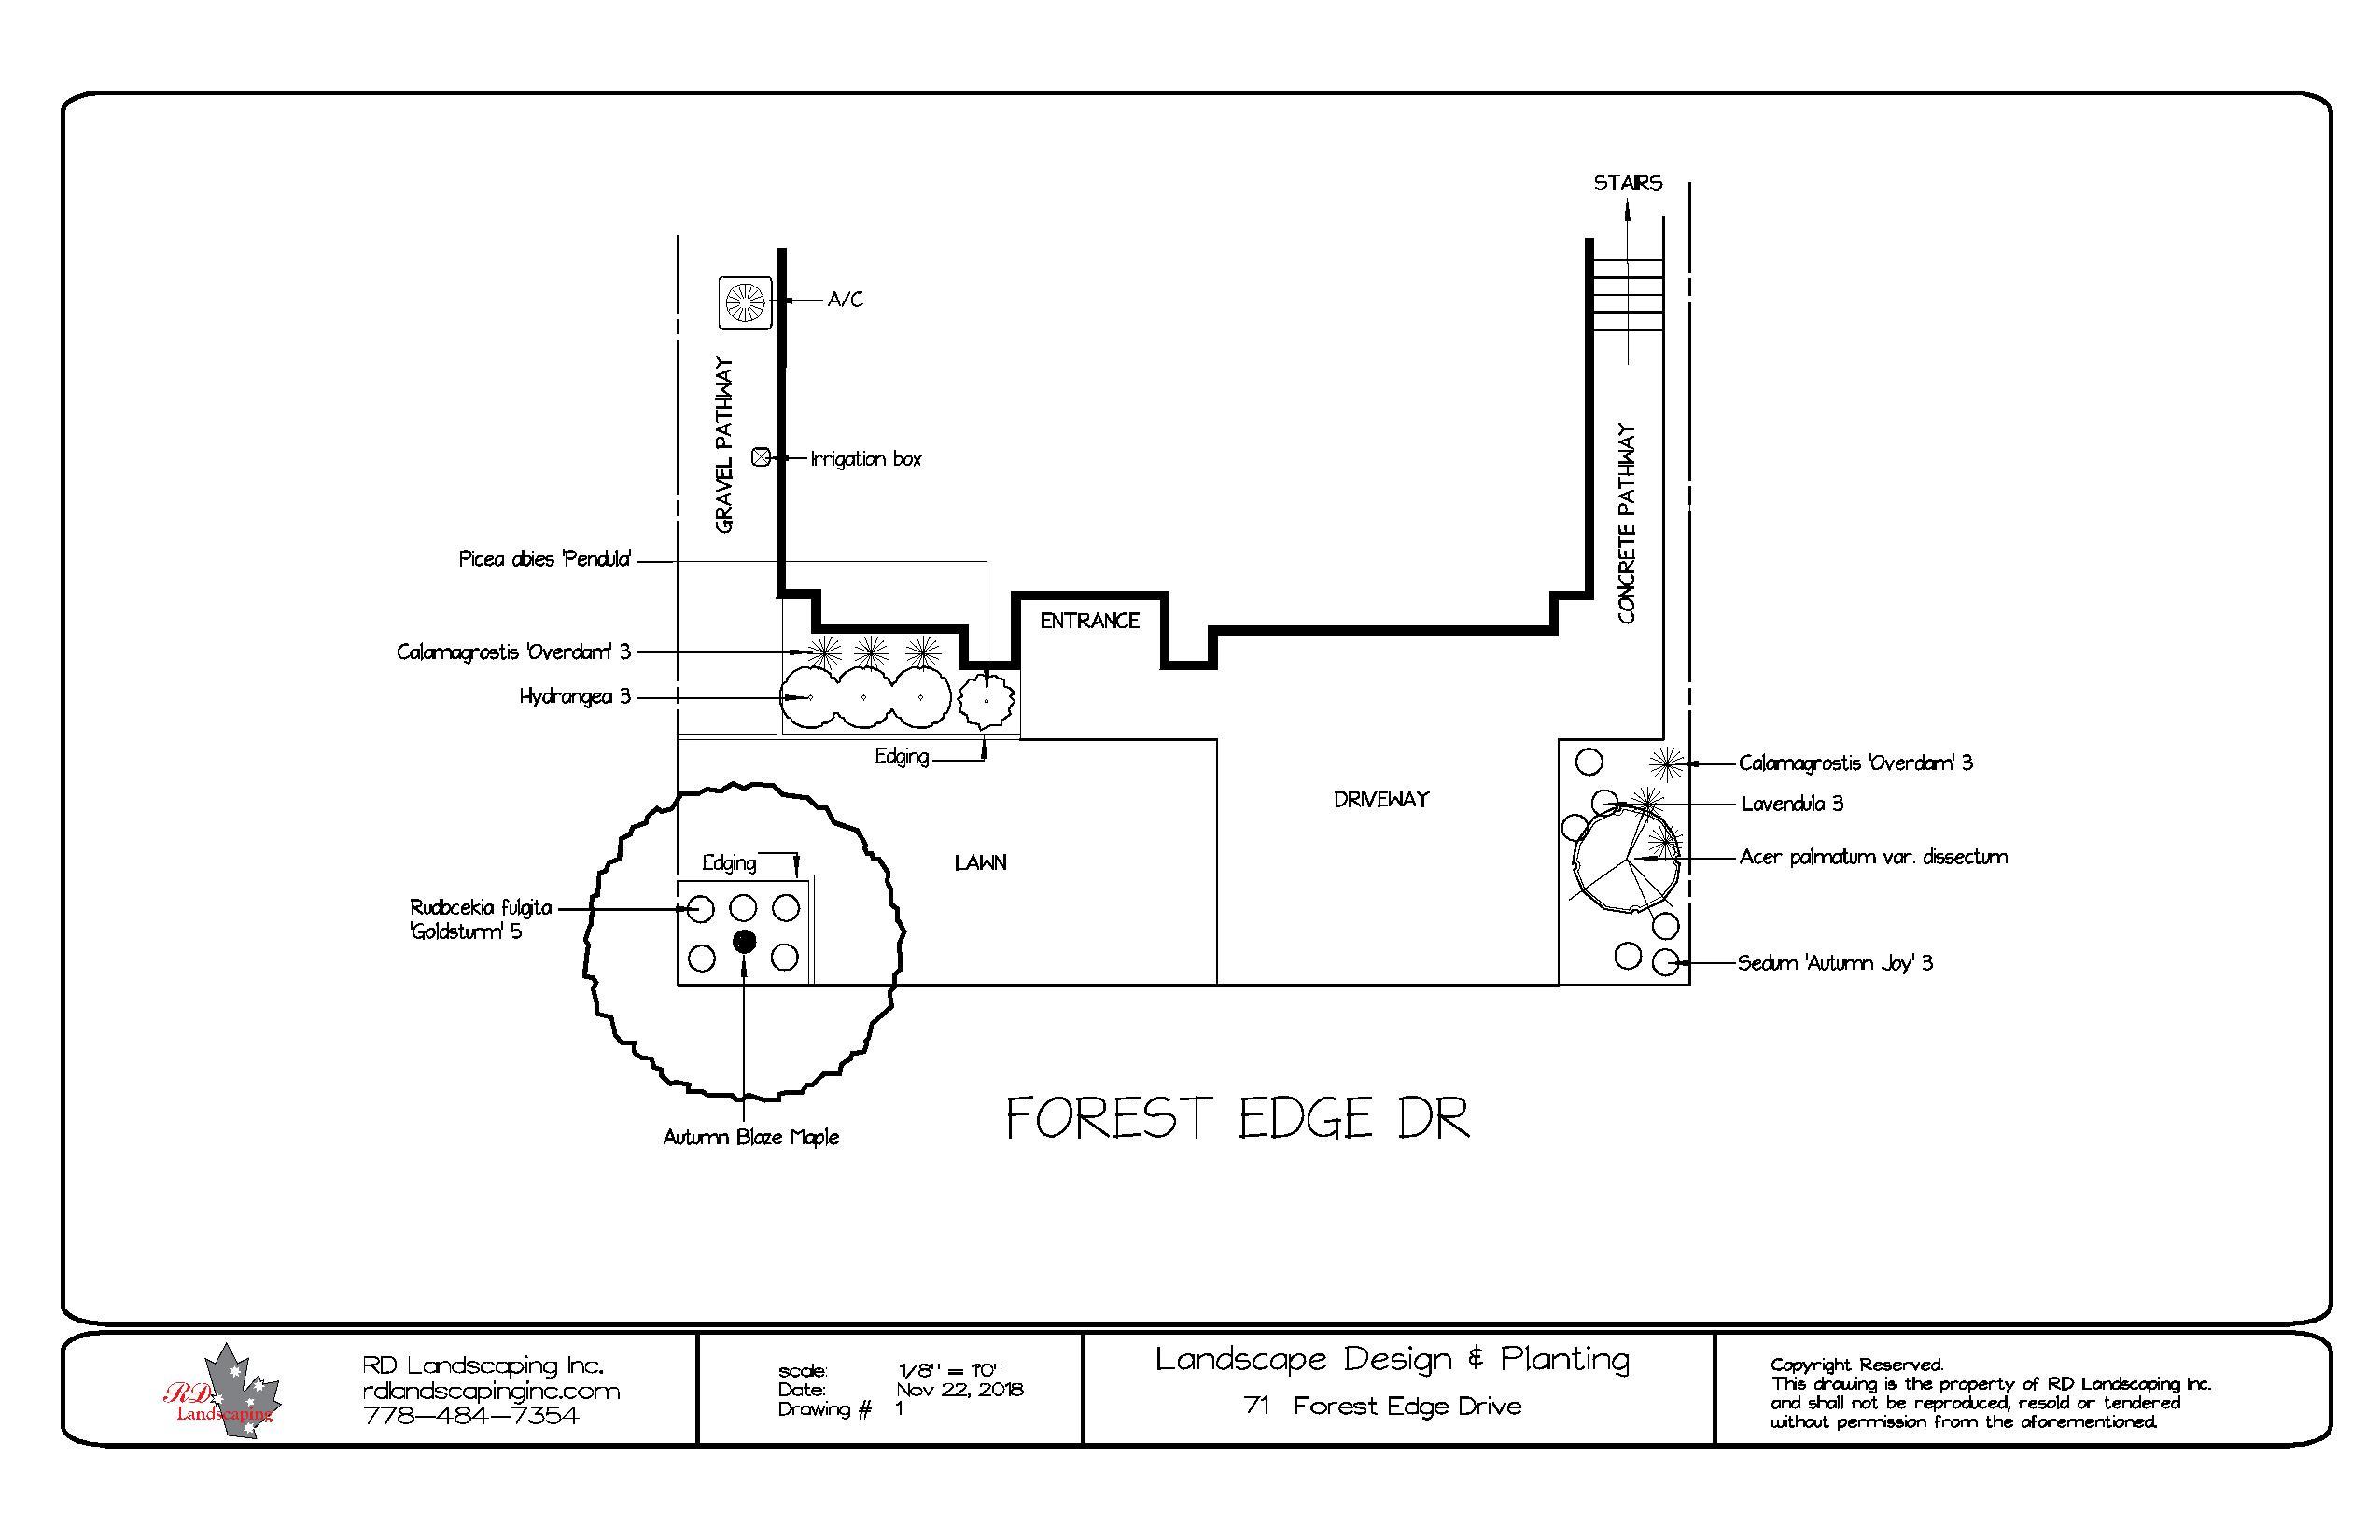 71 Forest Edge Dr-Landscape As-Built (1)-page-001